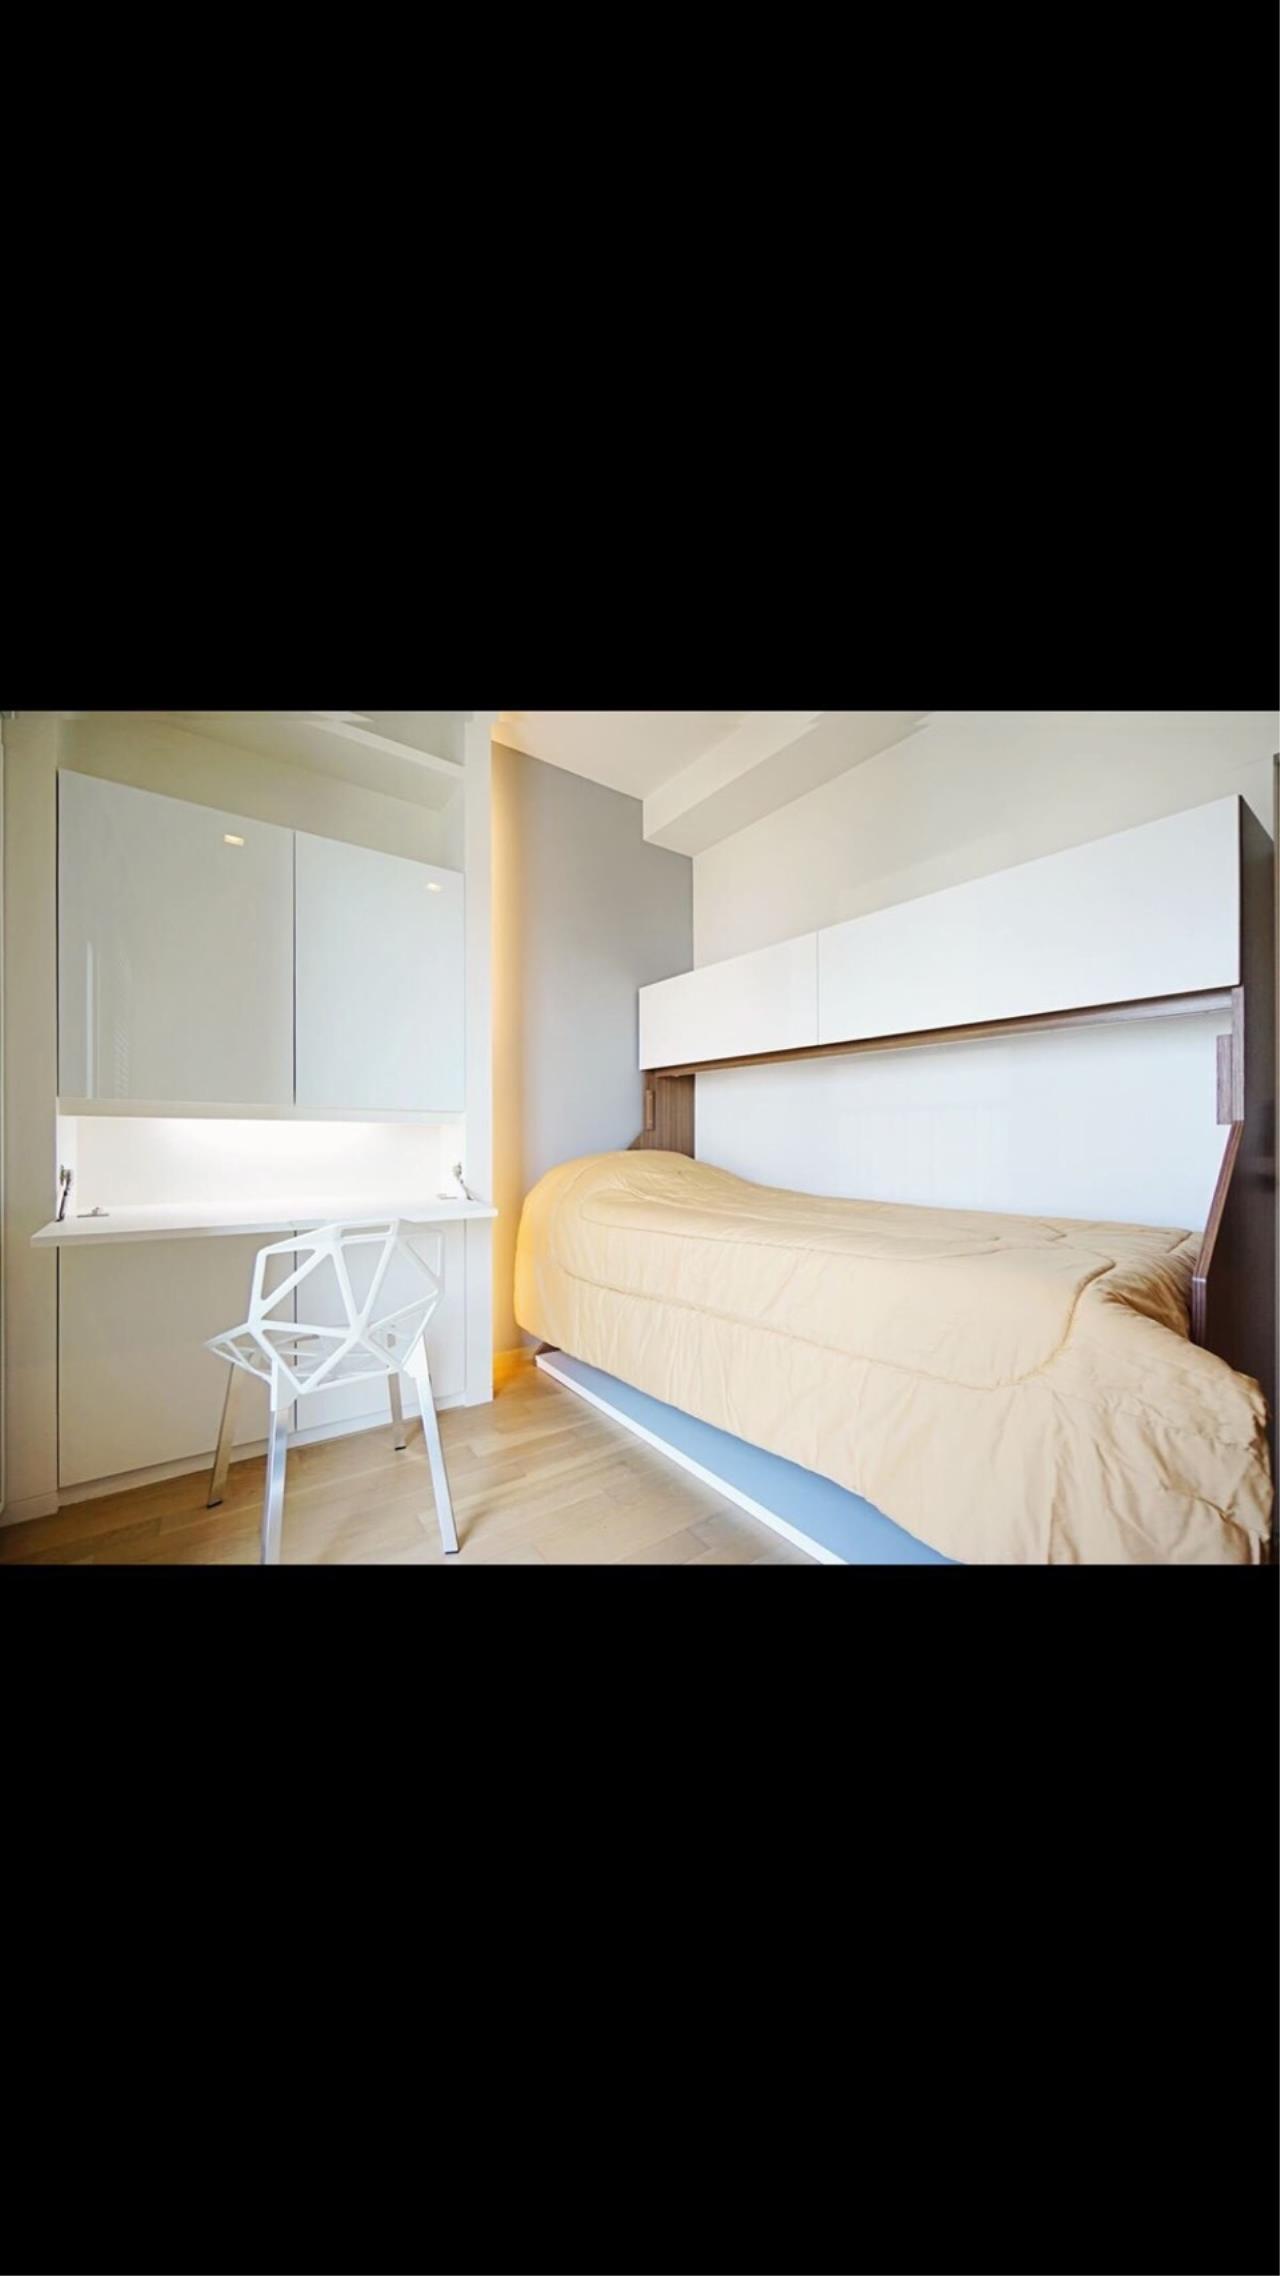 Arken Estate Agency Property Agency near BTS & MRT Agency's Noble Reveal BTS Ekkamai 2 bed 2 bath 2